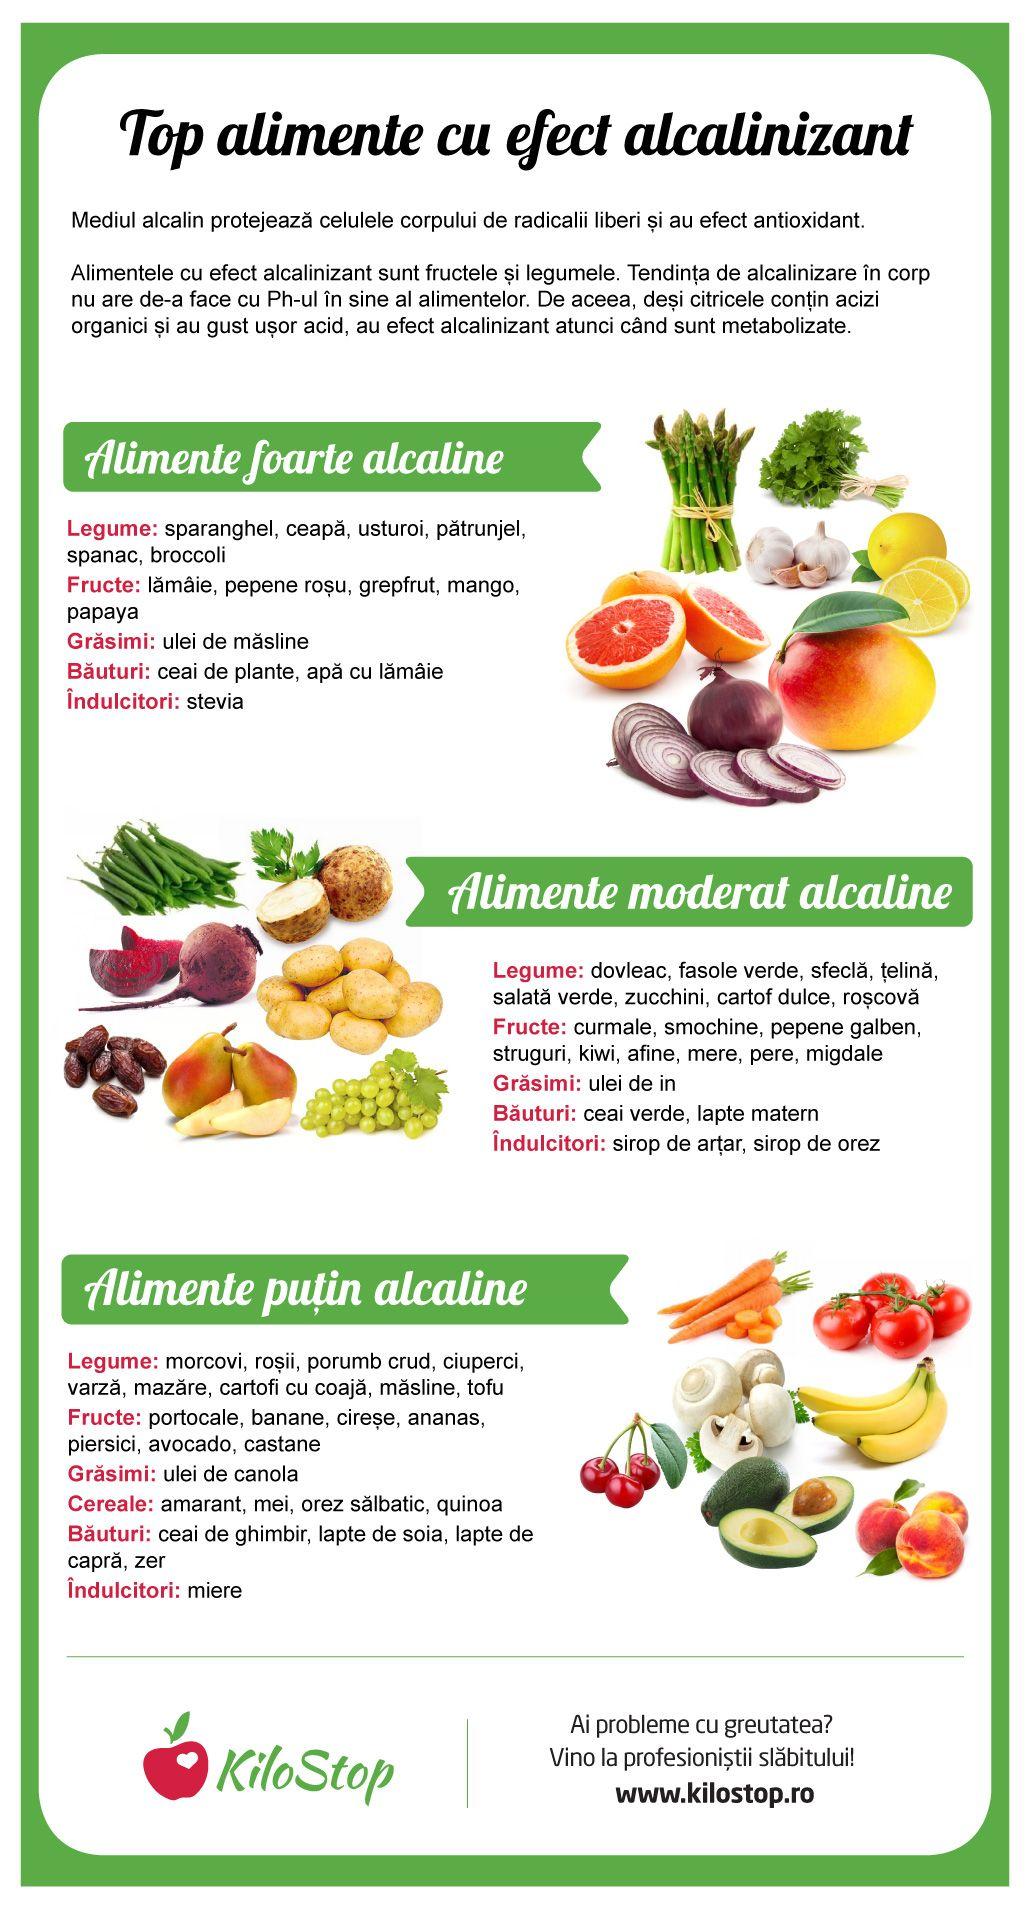 pierdere în greutate quinoa)